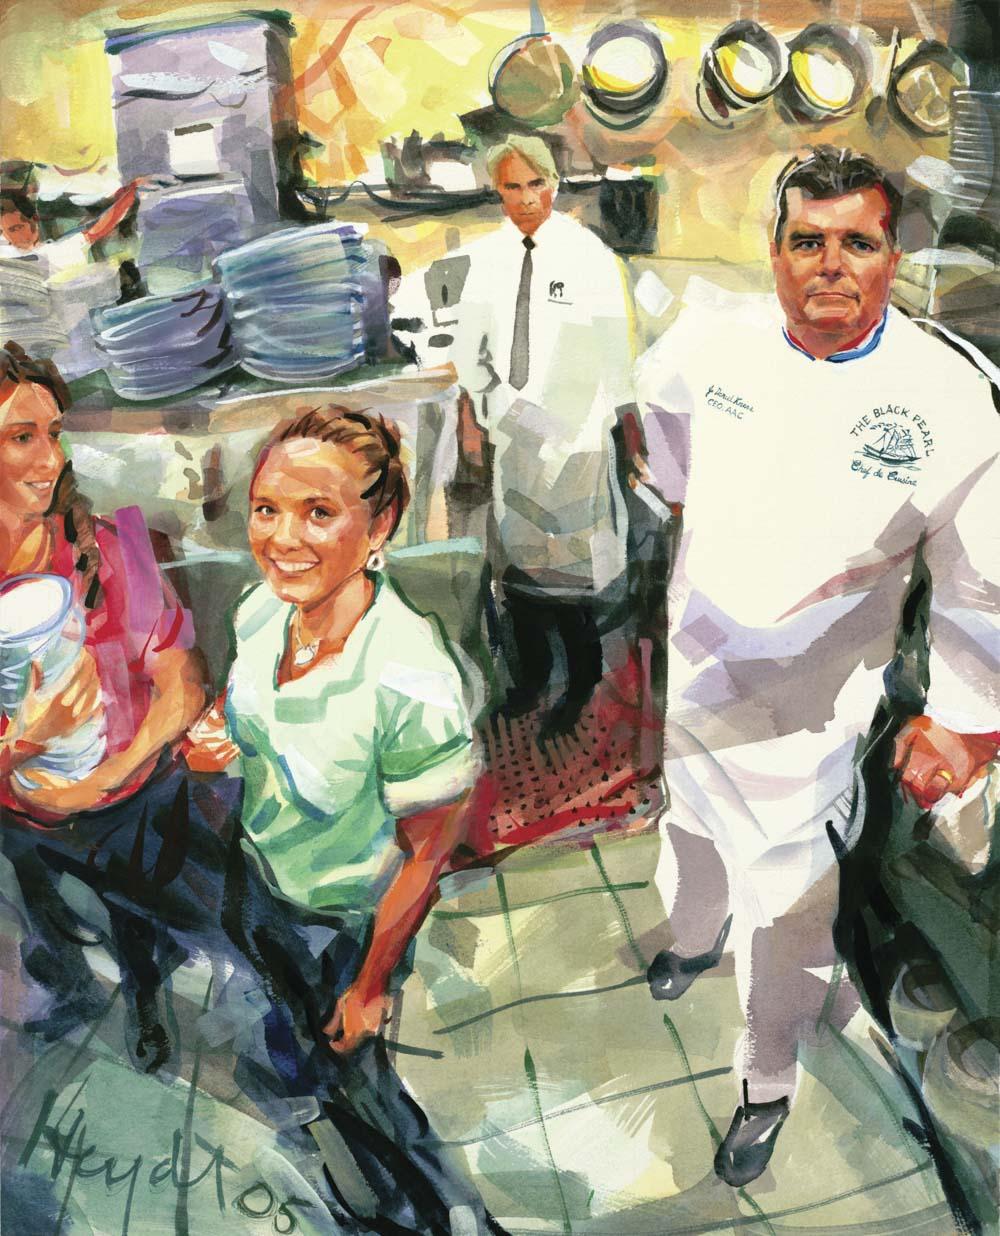 J. Daniel Knerr, Chef de Cuisine, The Black Pearl, Newport